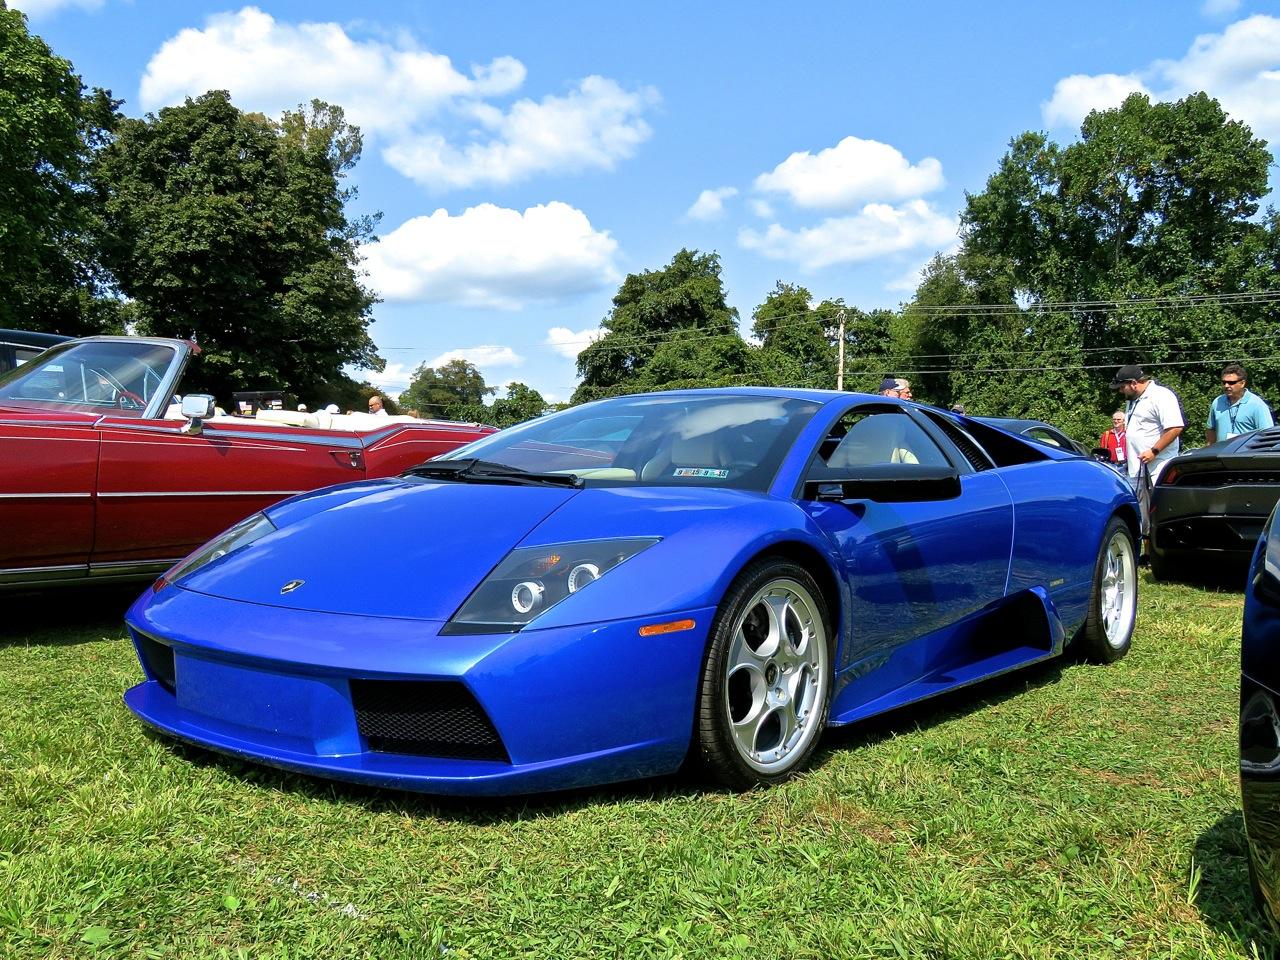 Blue Lamborghini Murcielago Radnor